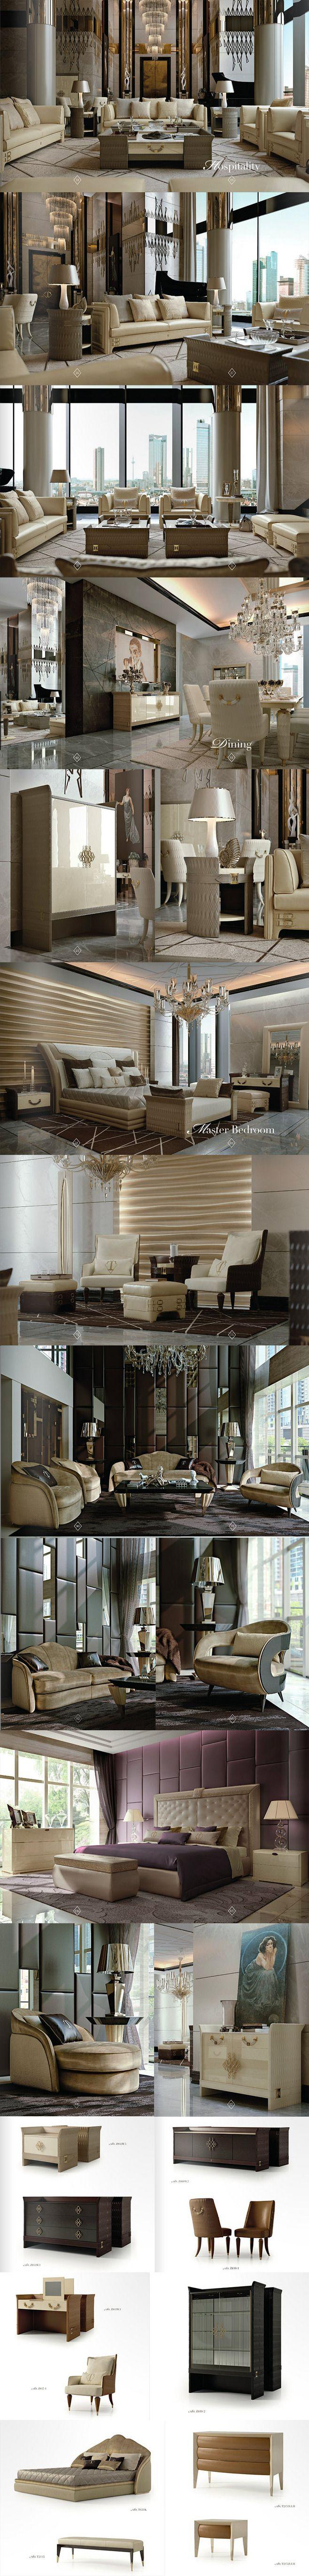 272意大利时尚奢华后现代风格家具场景图...